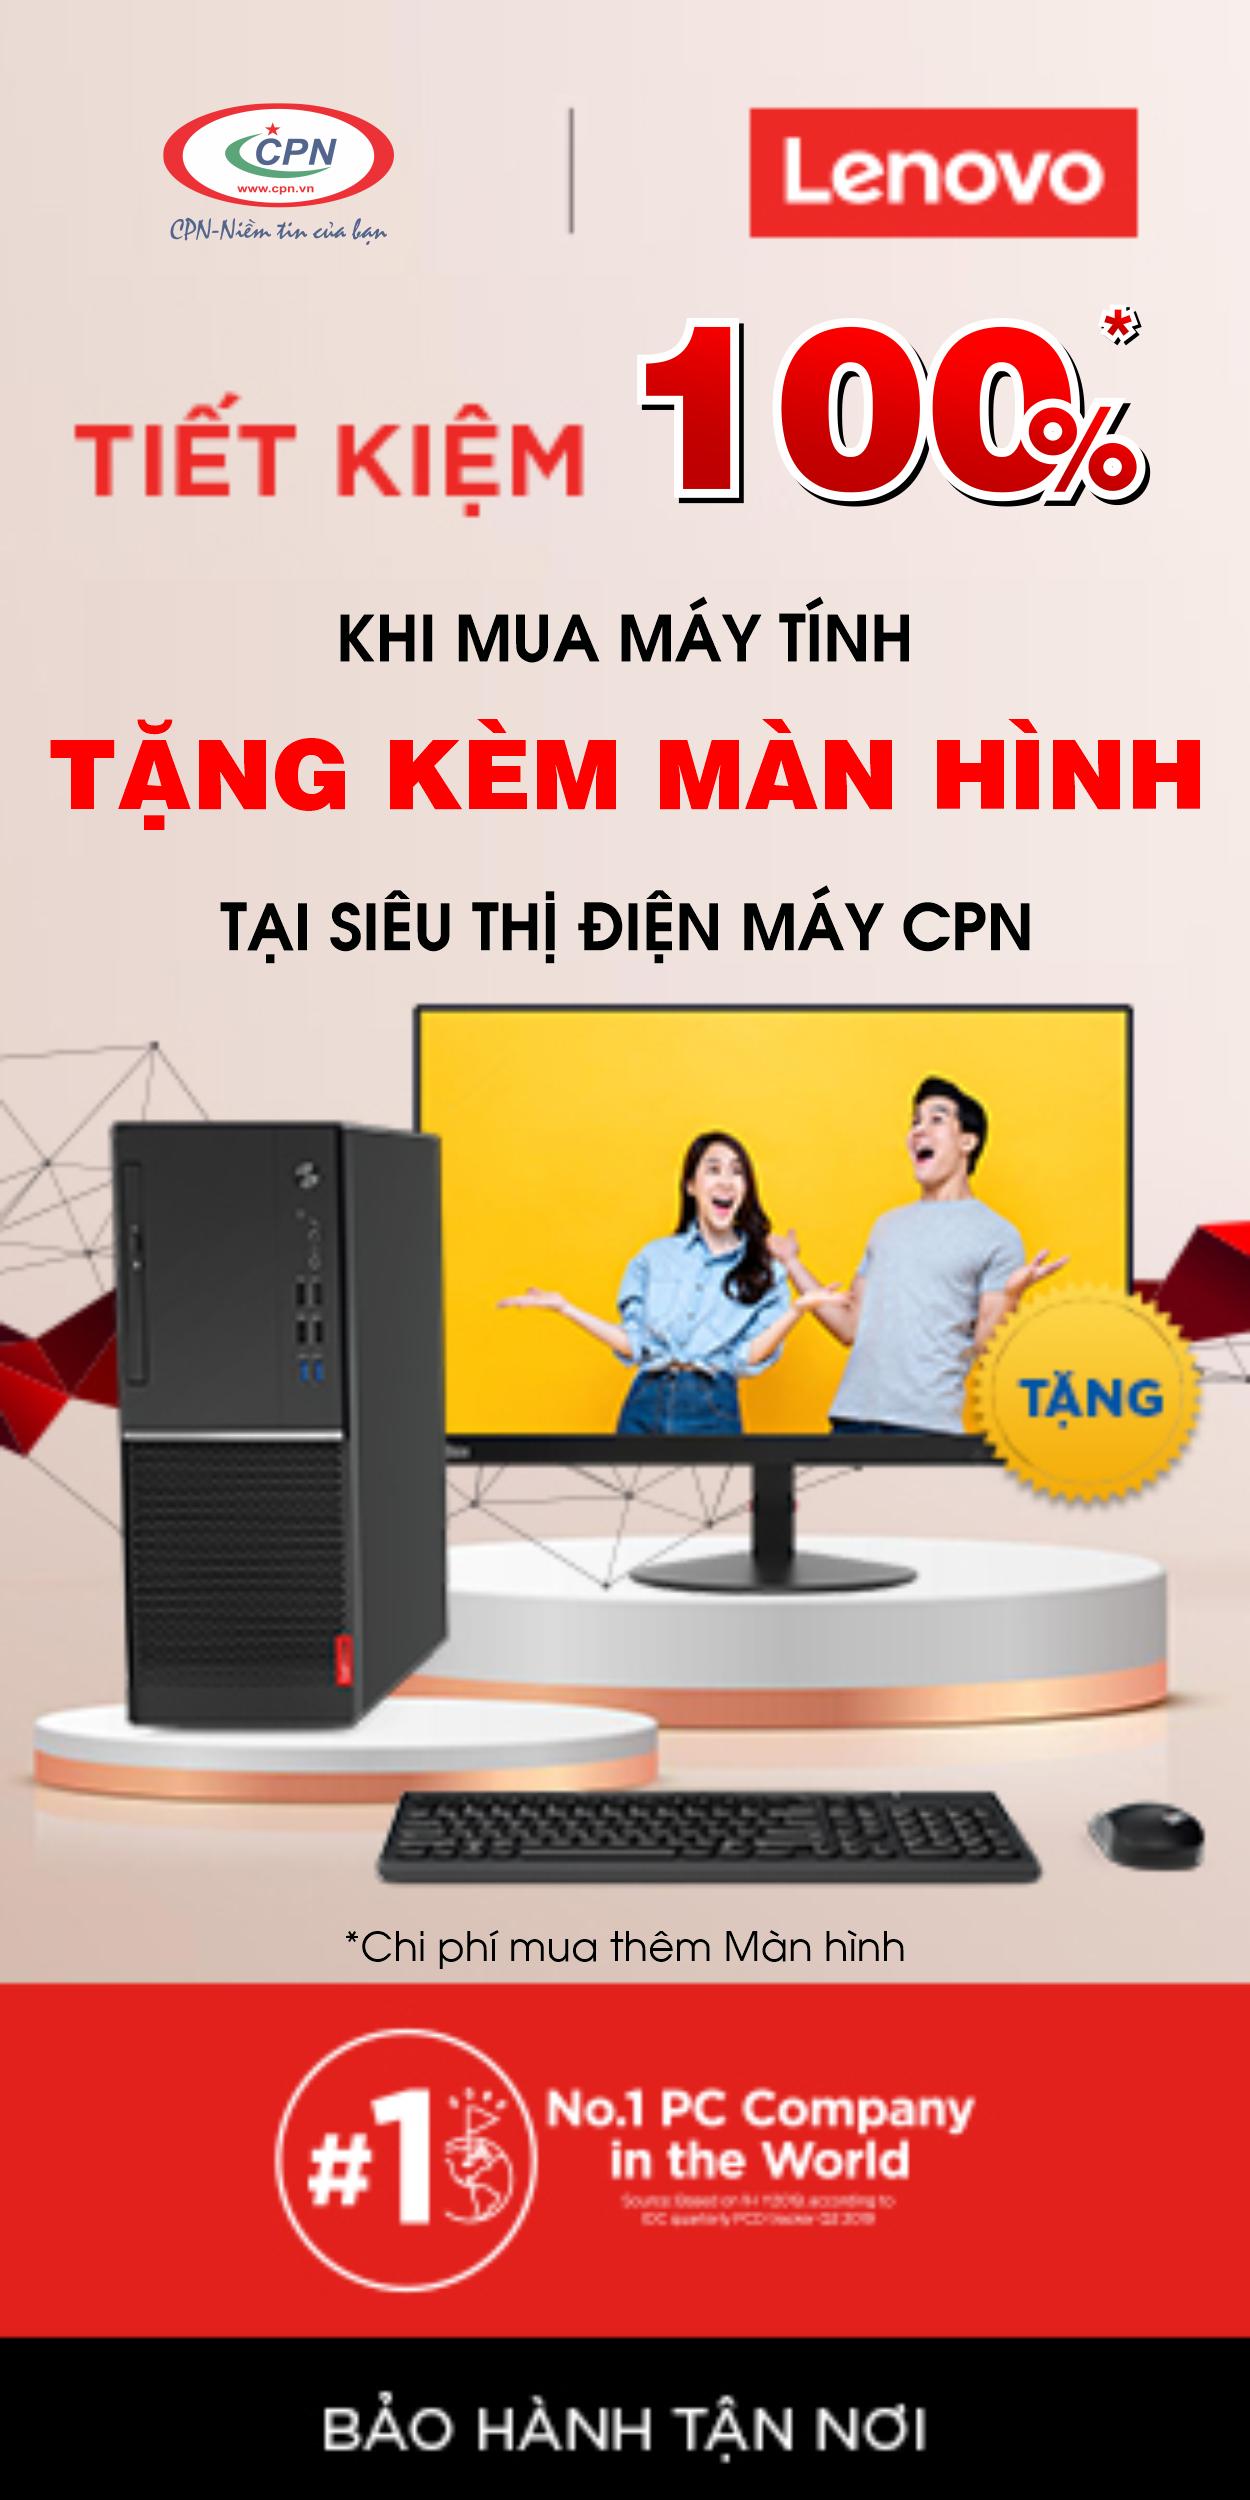 pc-tang-man-hinh-092020.png